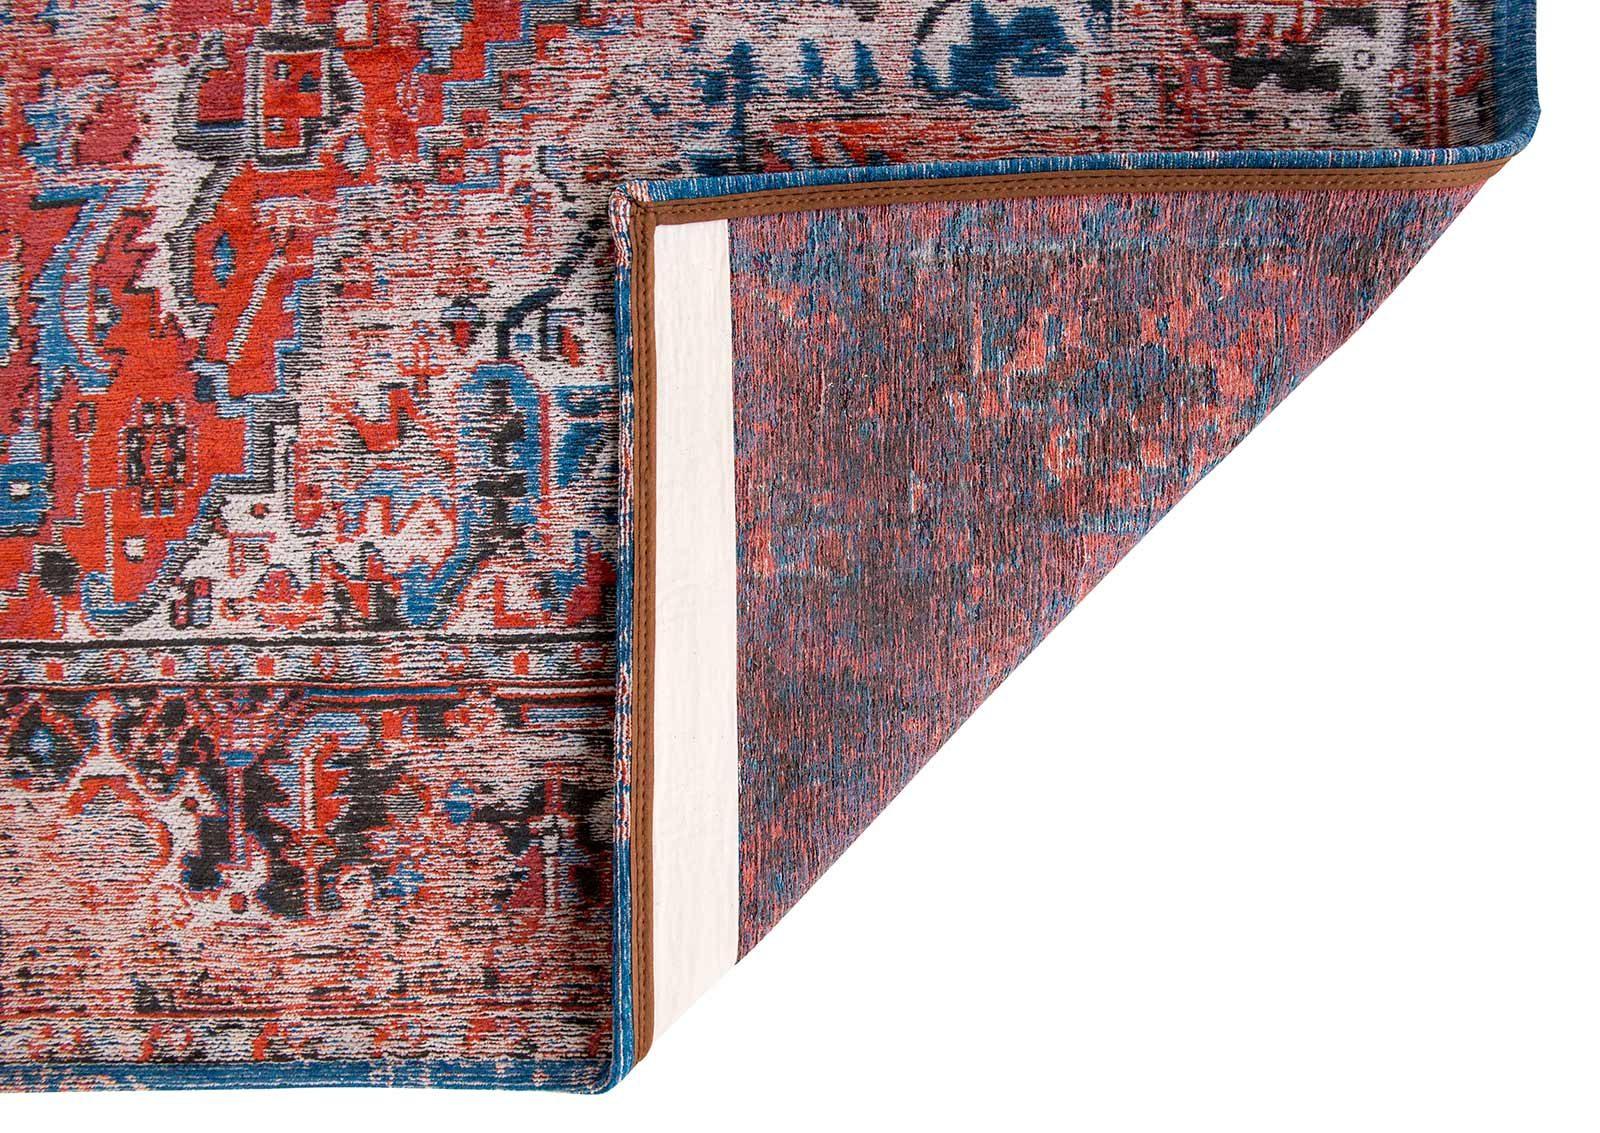 vloerkleed Louis De Poortere LX8703 Antiquarian Antique Heriz Classic Brick back